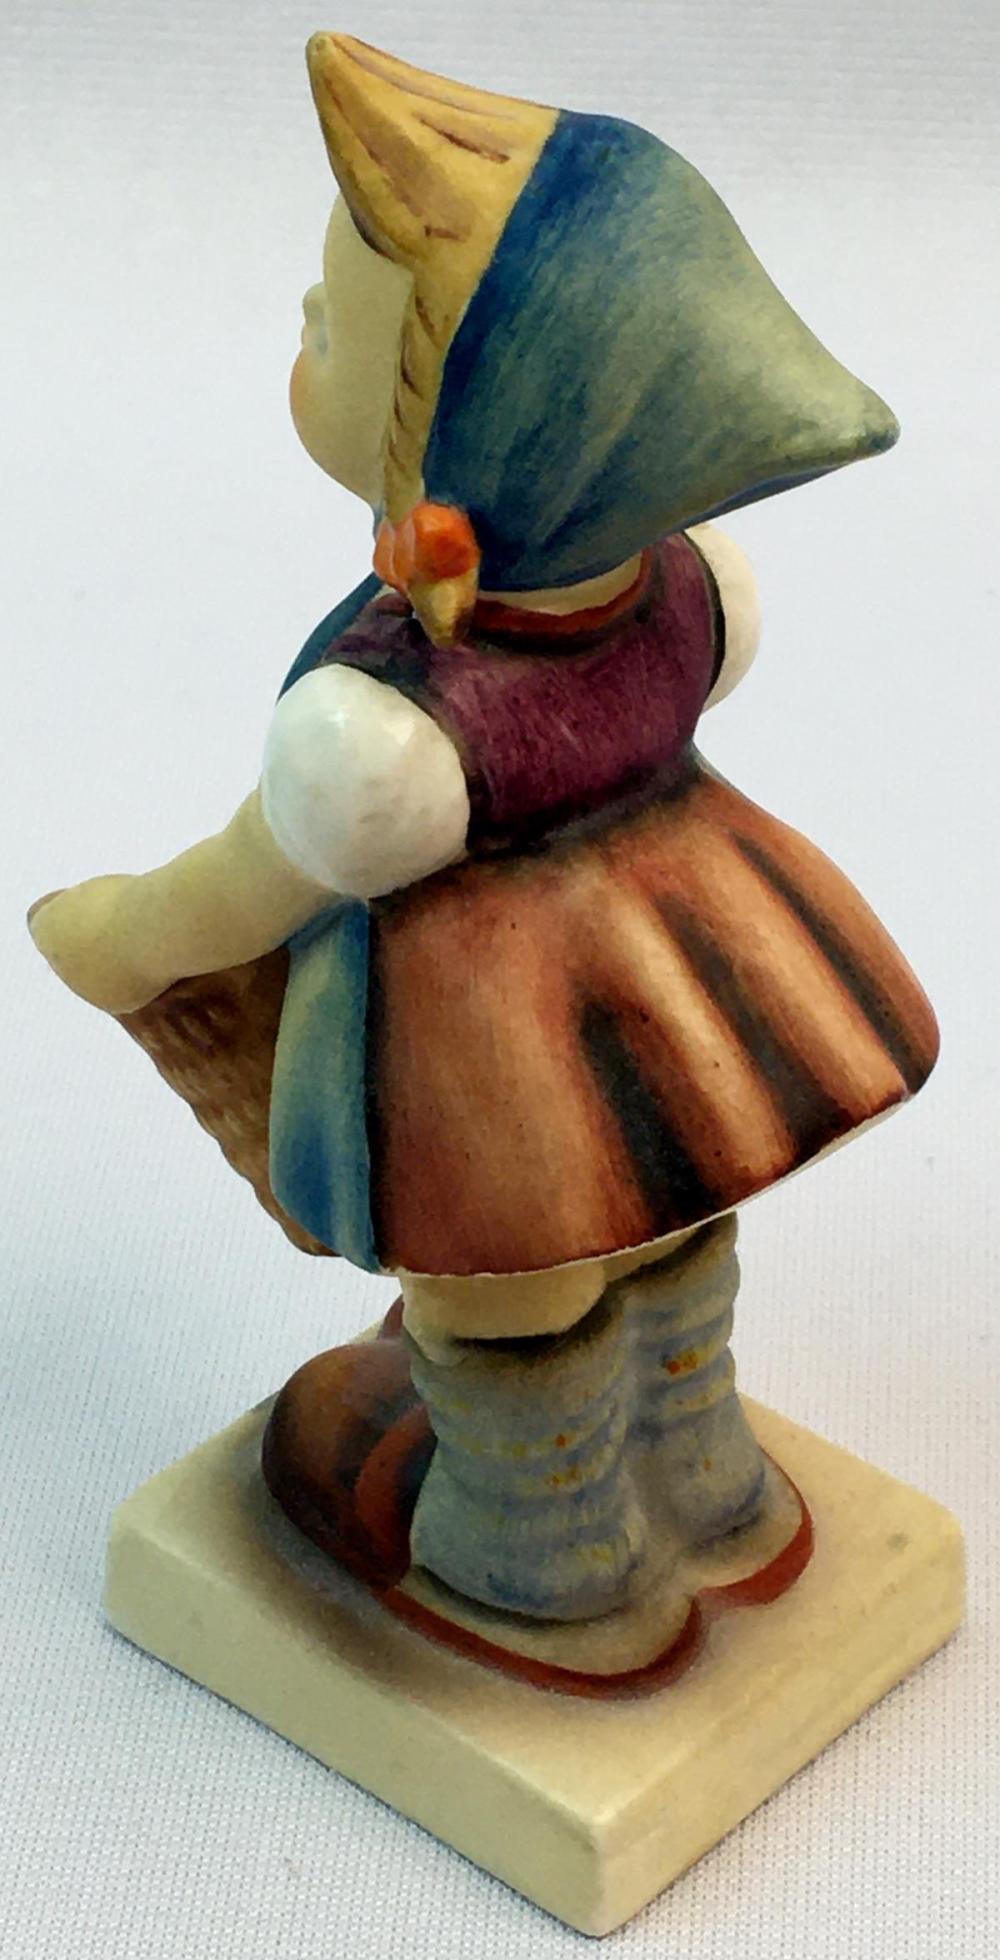 Vintage 1960's Hummel Figurine